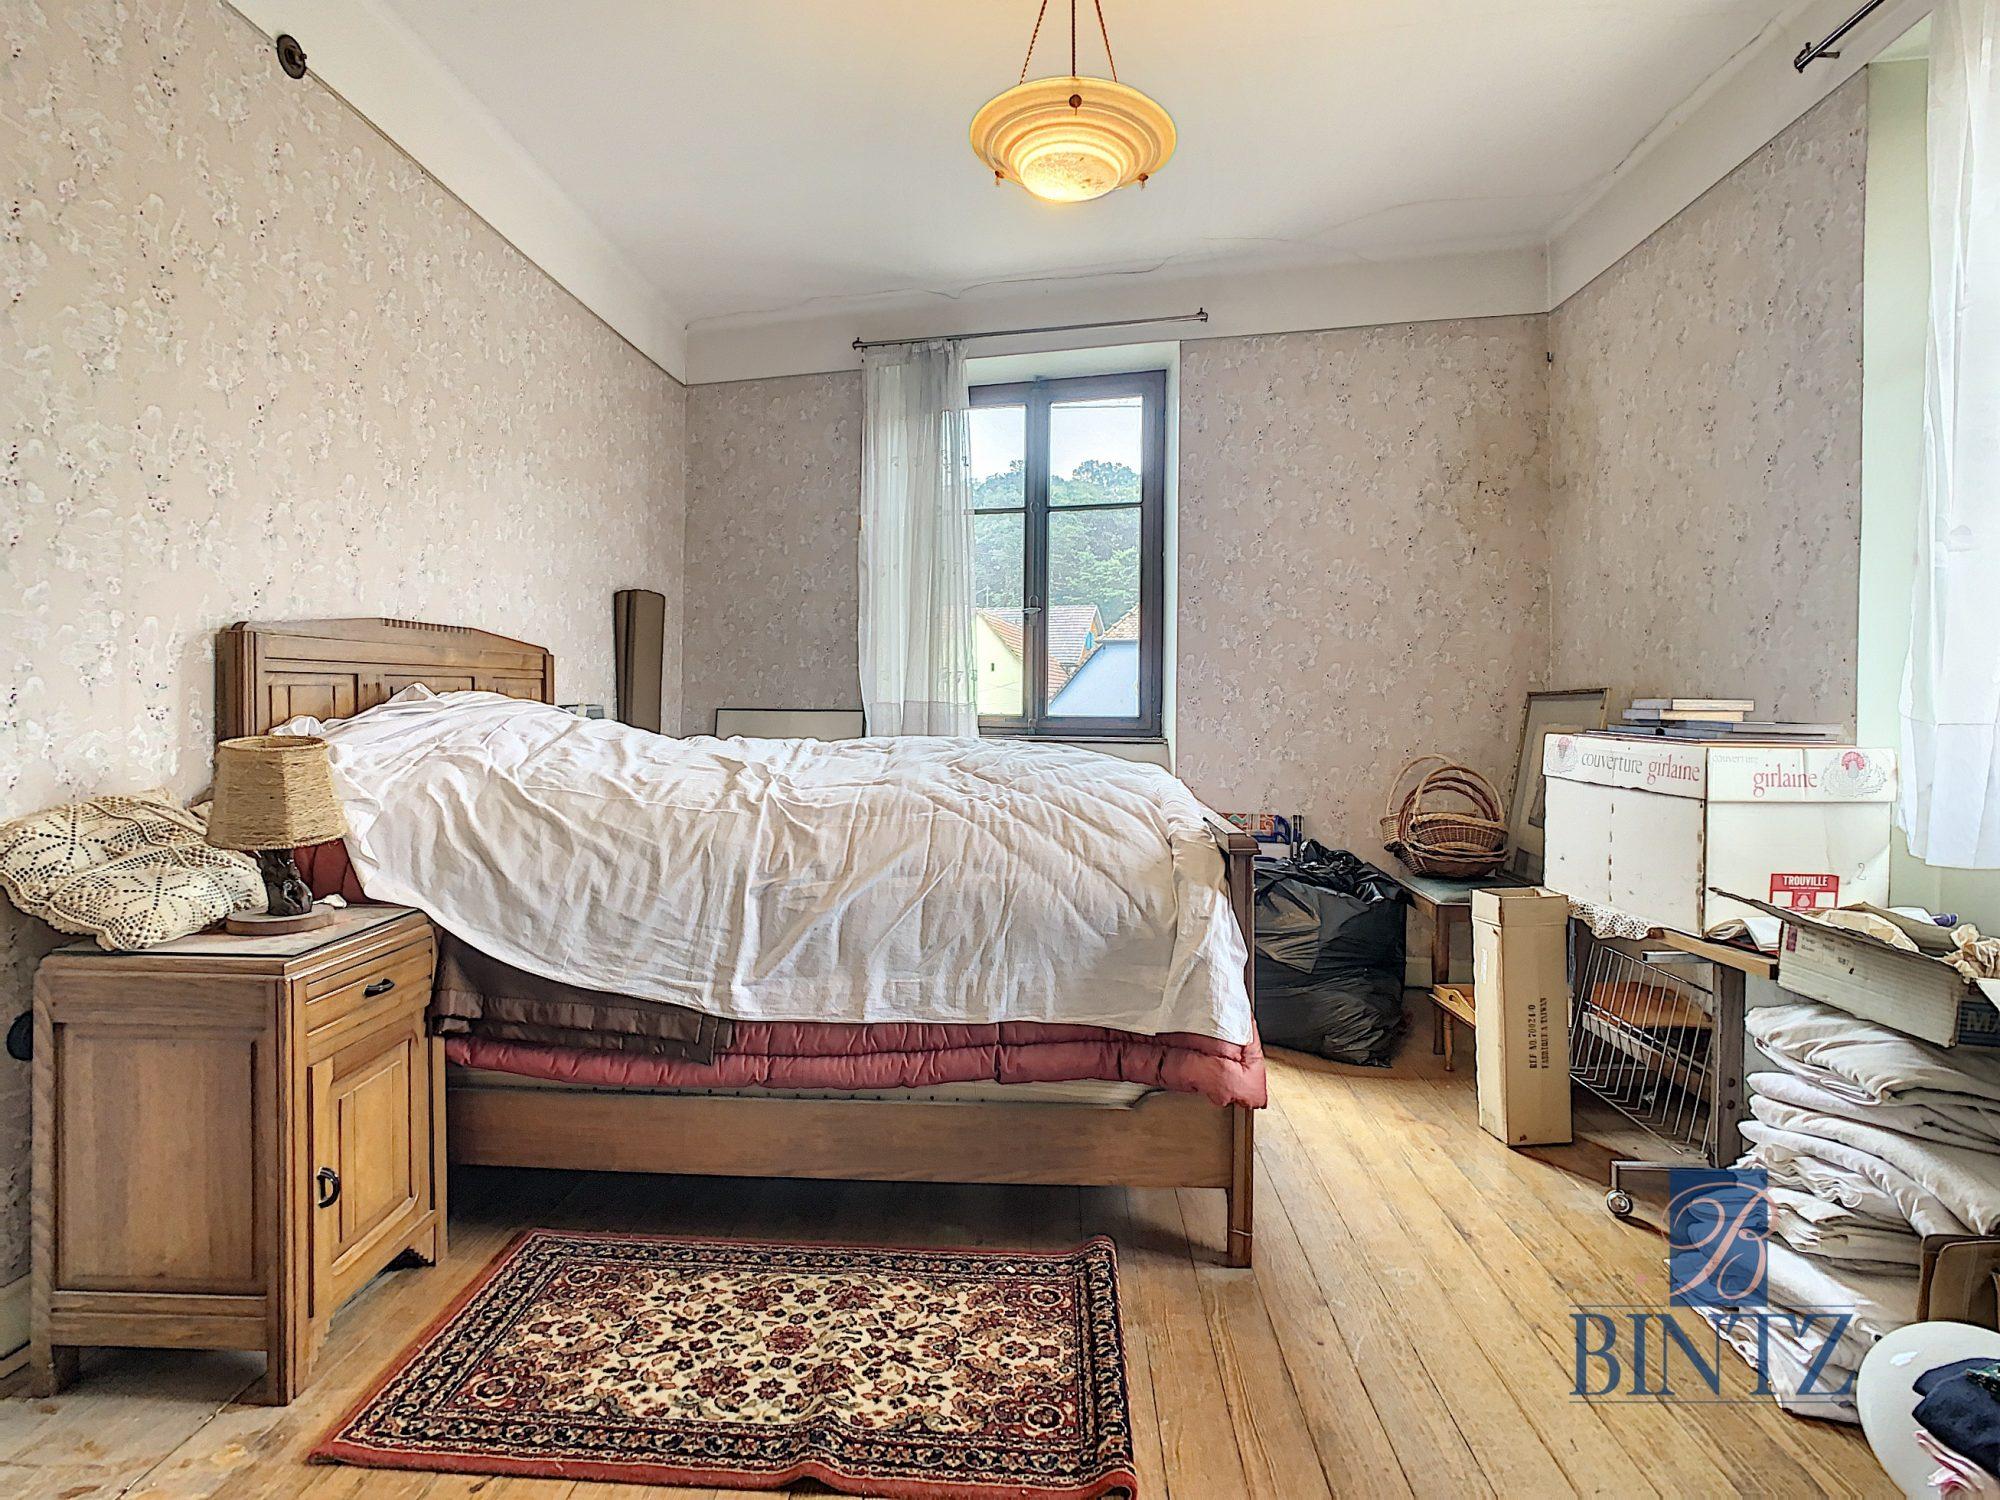 Corps de ferme à Gingsheim - Devenez propriétaire en toute confiance - Bintz Immobilier - 4